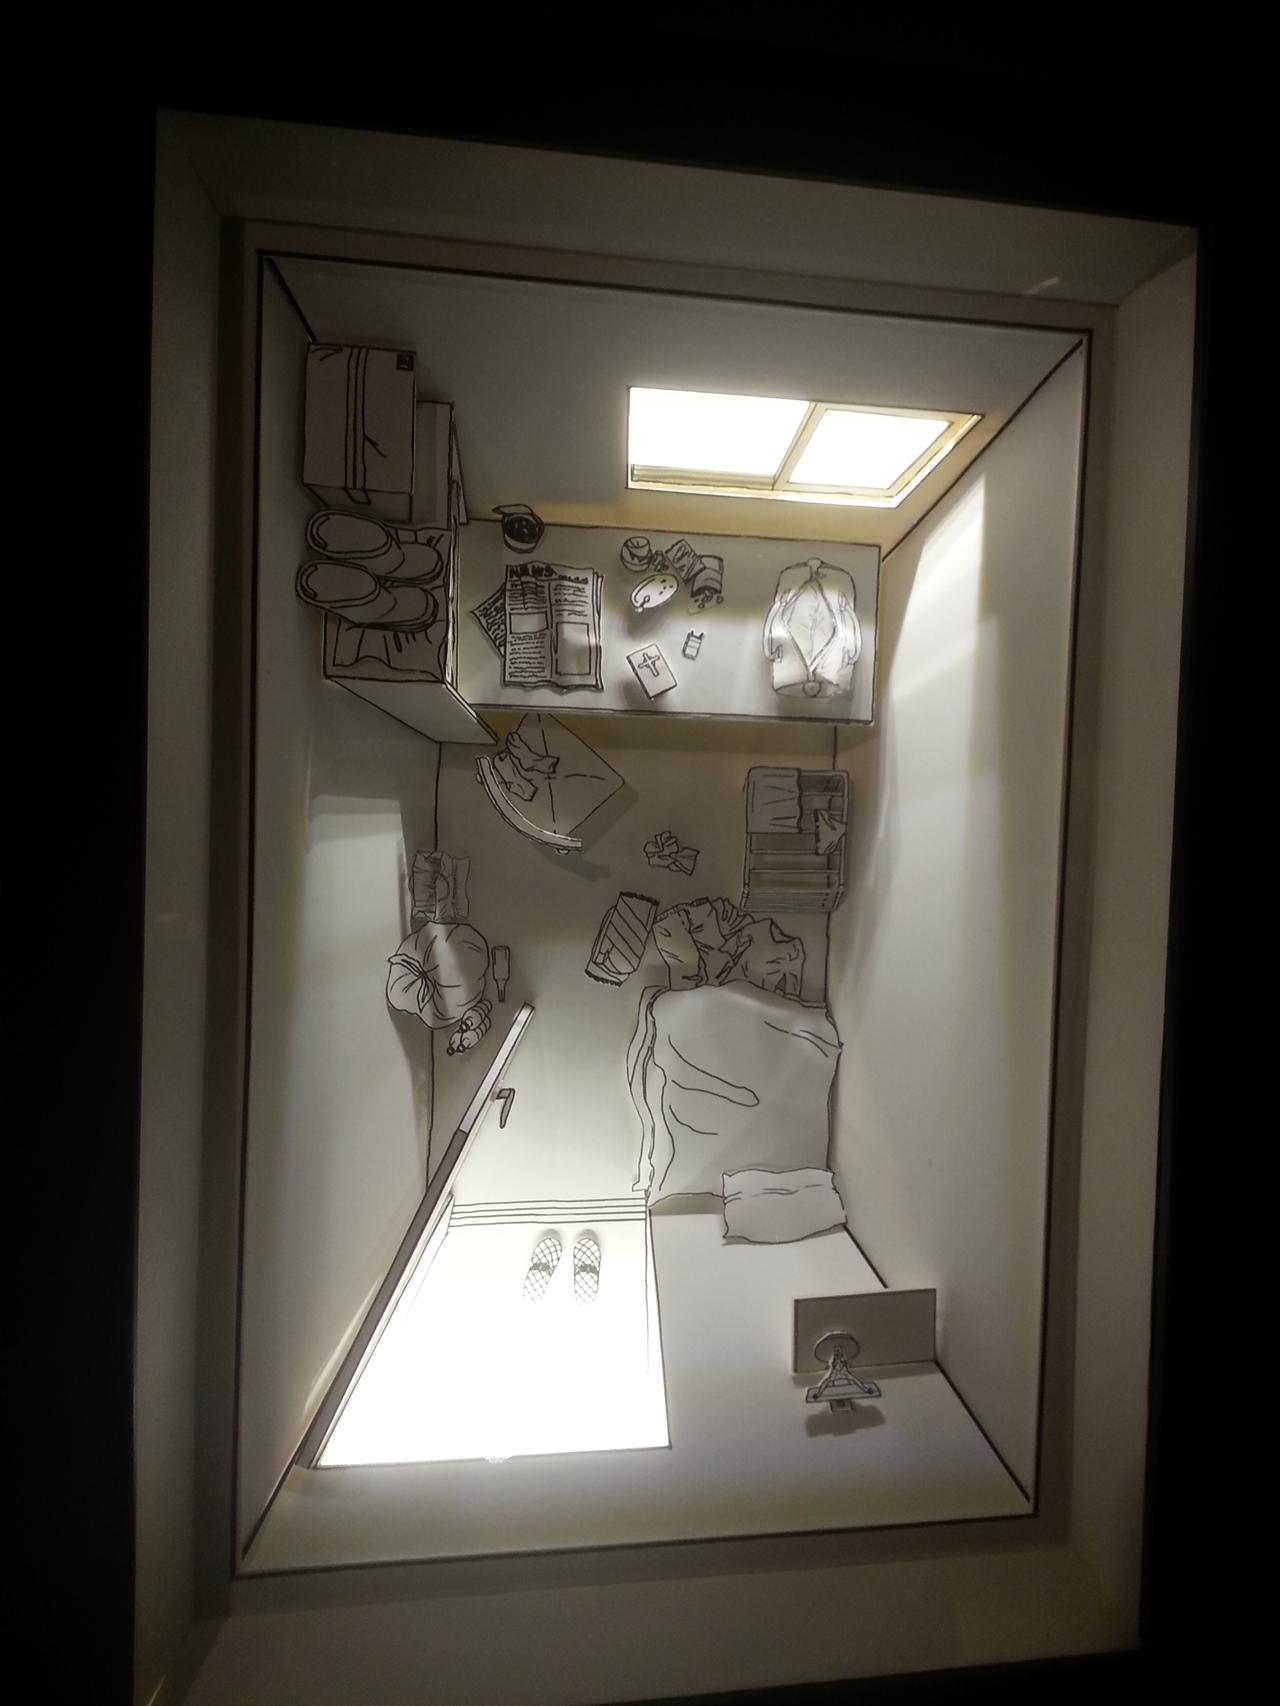 고시원 방 모형 전시물